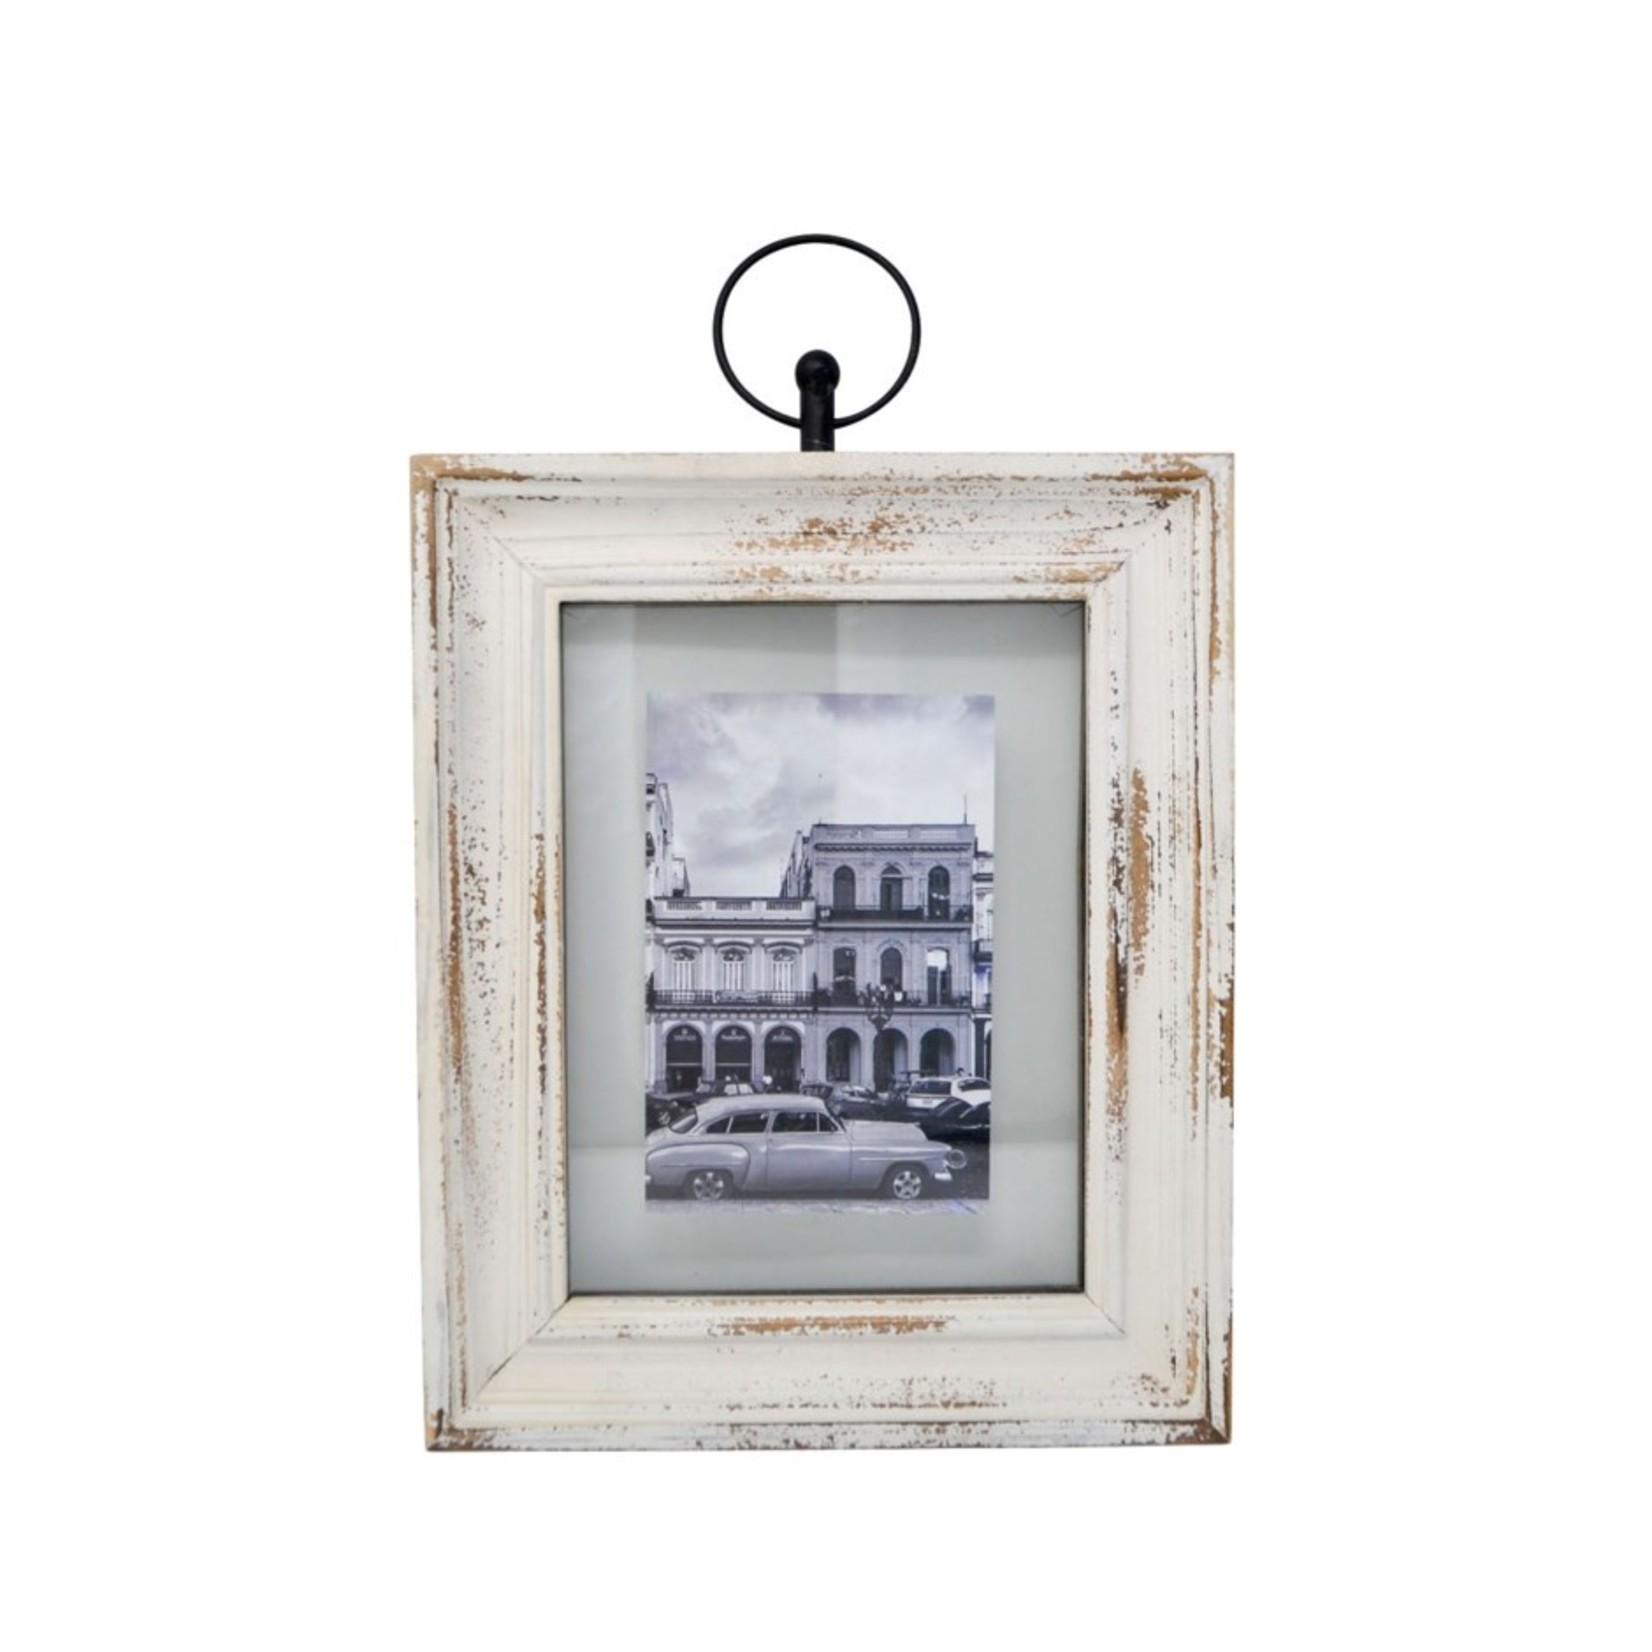 Nostalgia Antique frame white (hanging)